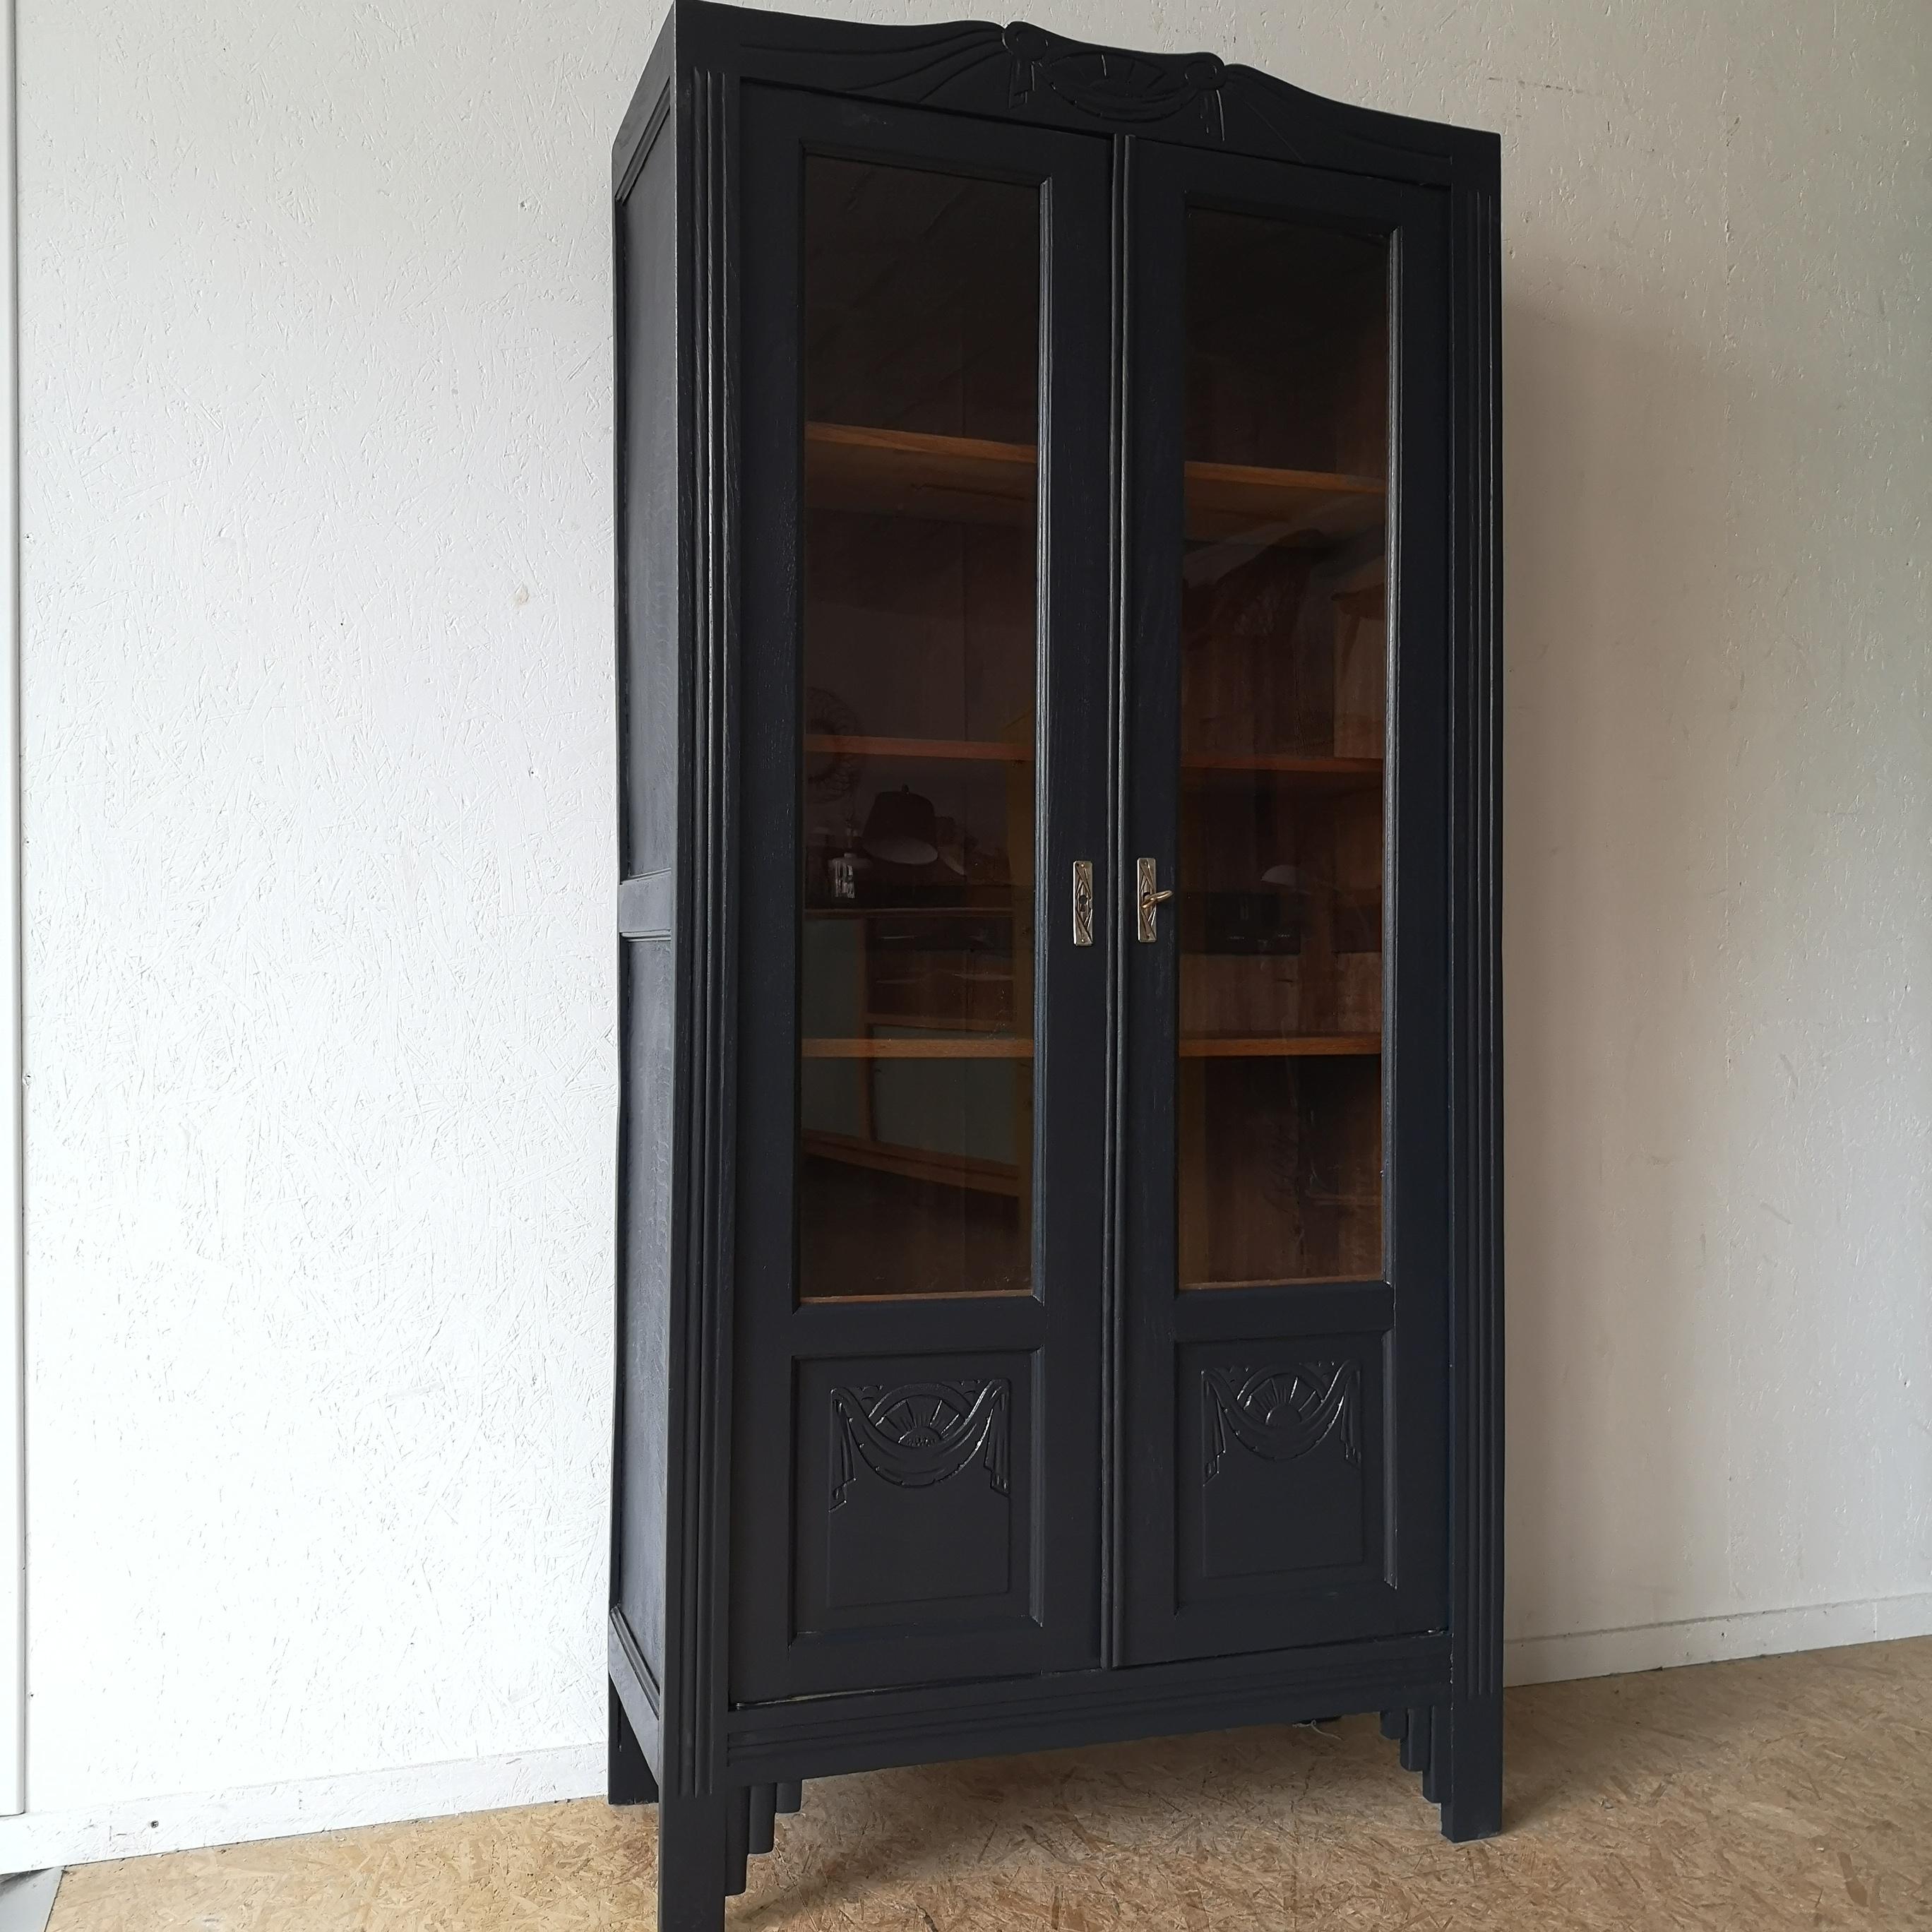 Armoire vitrine années 40 revisitée en noir carbone - Côte ...